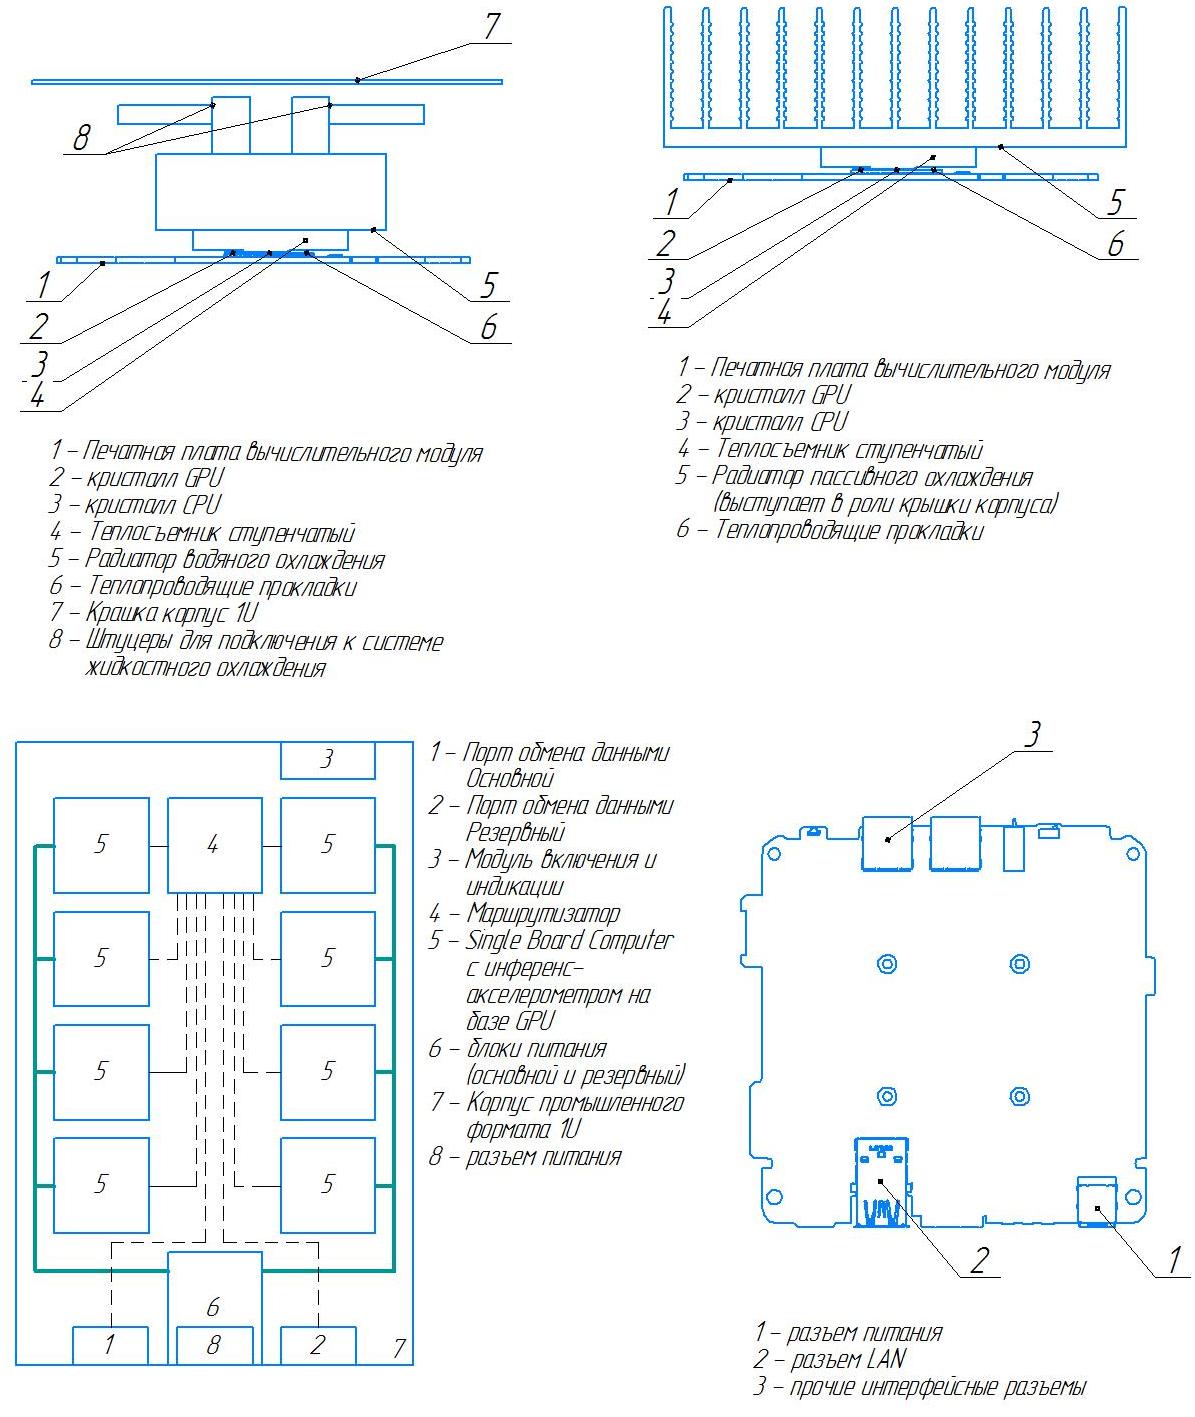 Этап проектирования сервера на базе 8 микрокомпьютеров